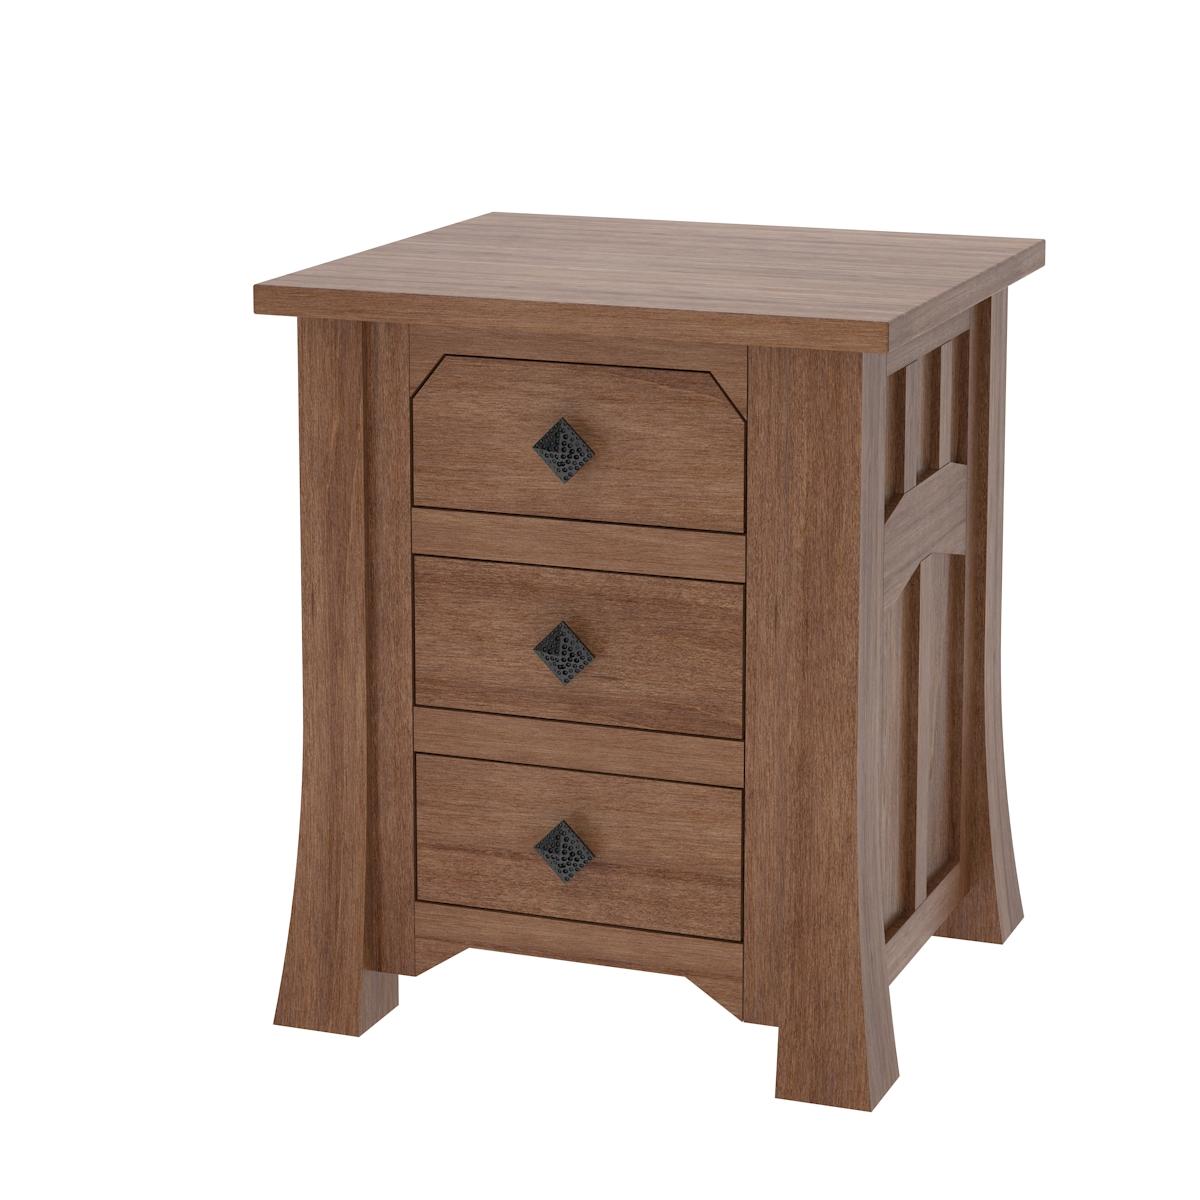 Edmonton Nightstand With Drawers Solid Wood Nightstand